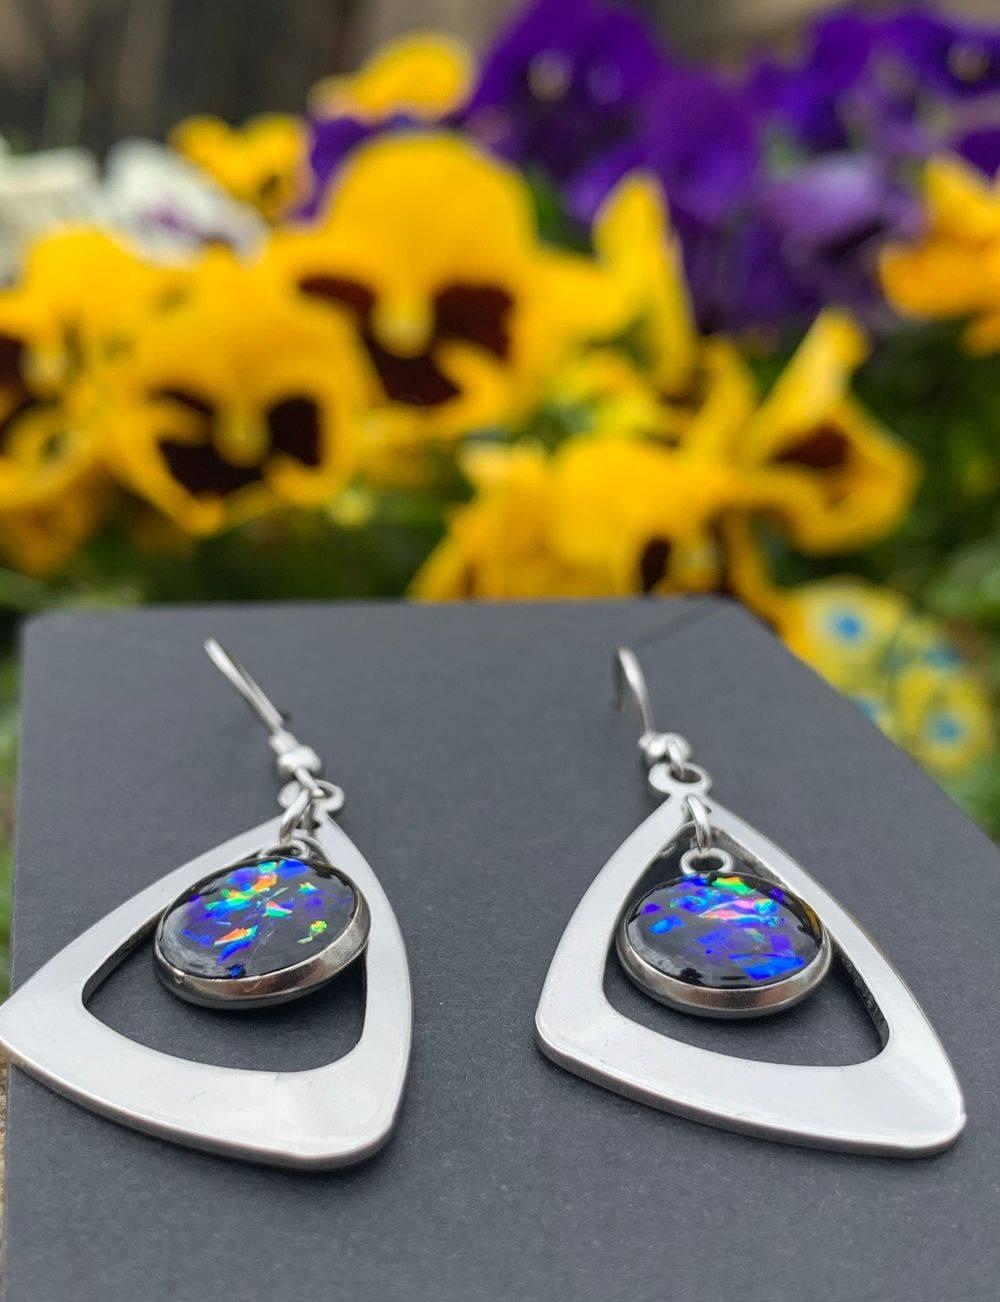 portal shungite pendants